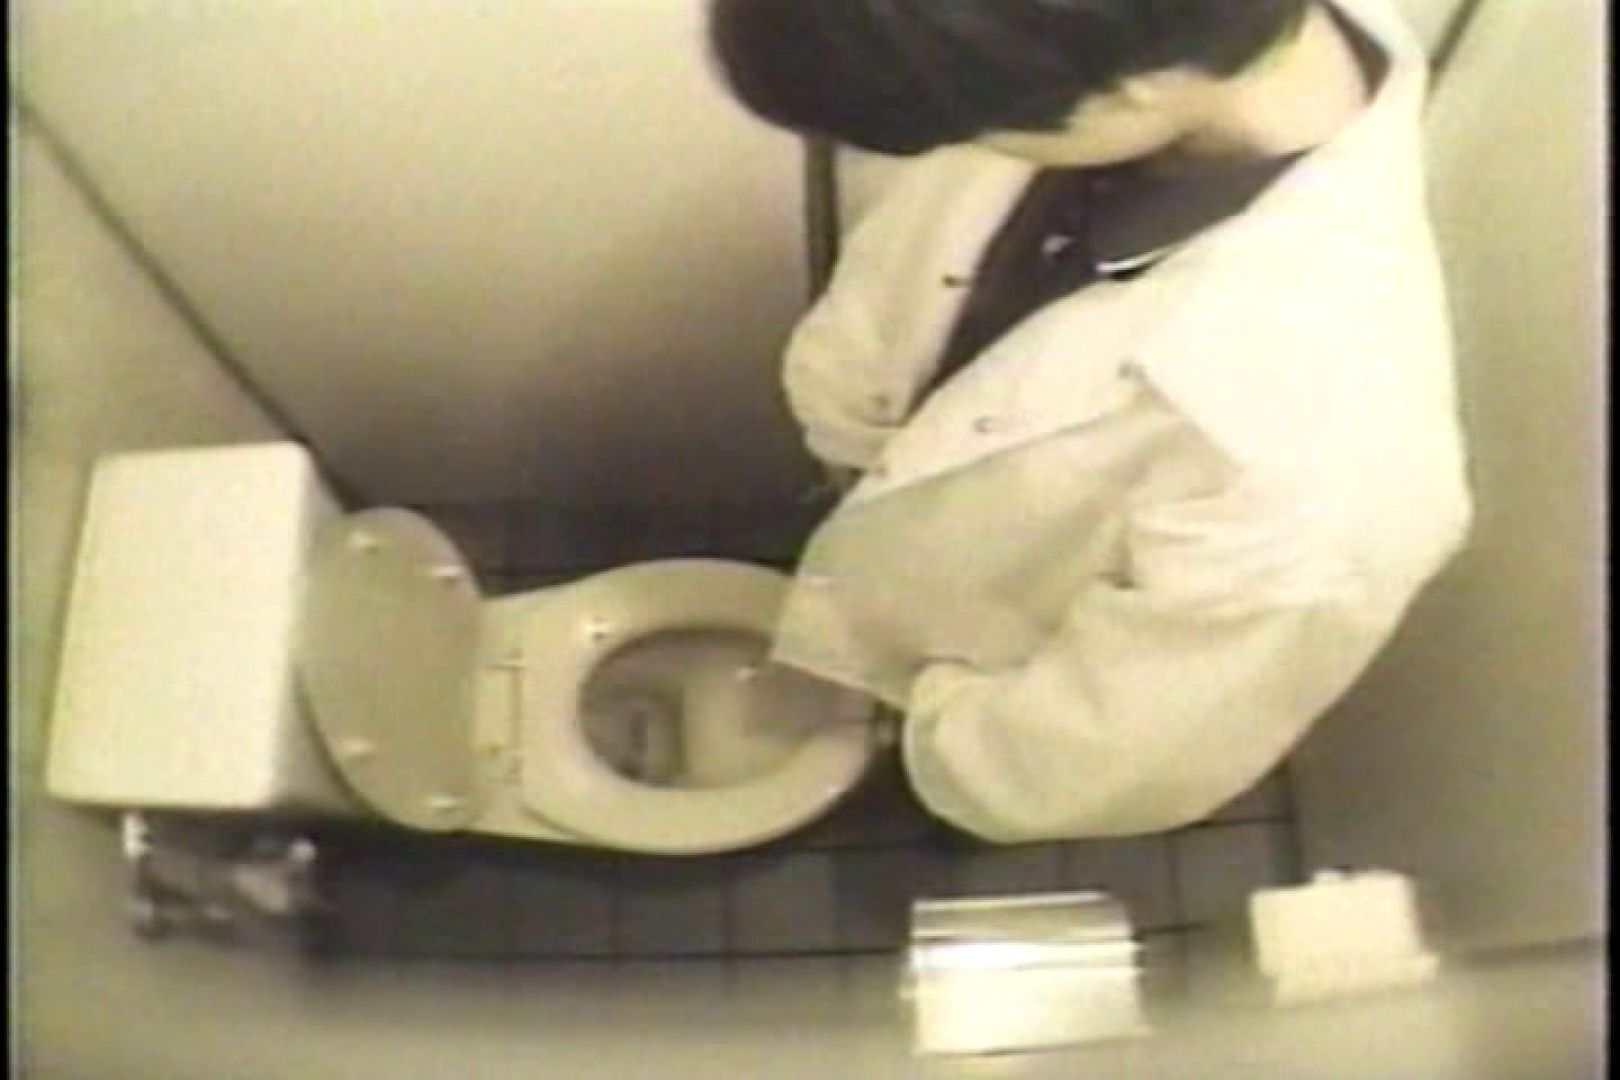 盗撮 女子洗面所3ヶ所入ってしゃがんで音出して 洗面所 オマンコ無修正動画無料 109連発 23